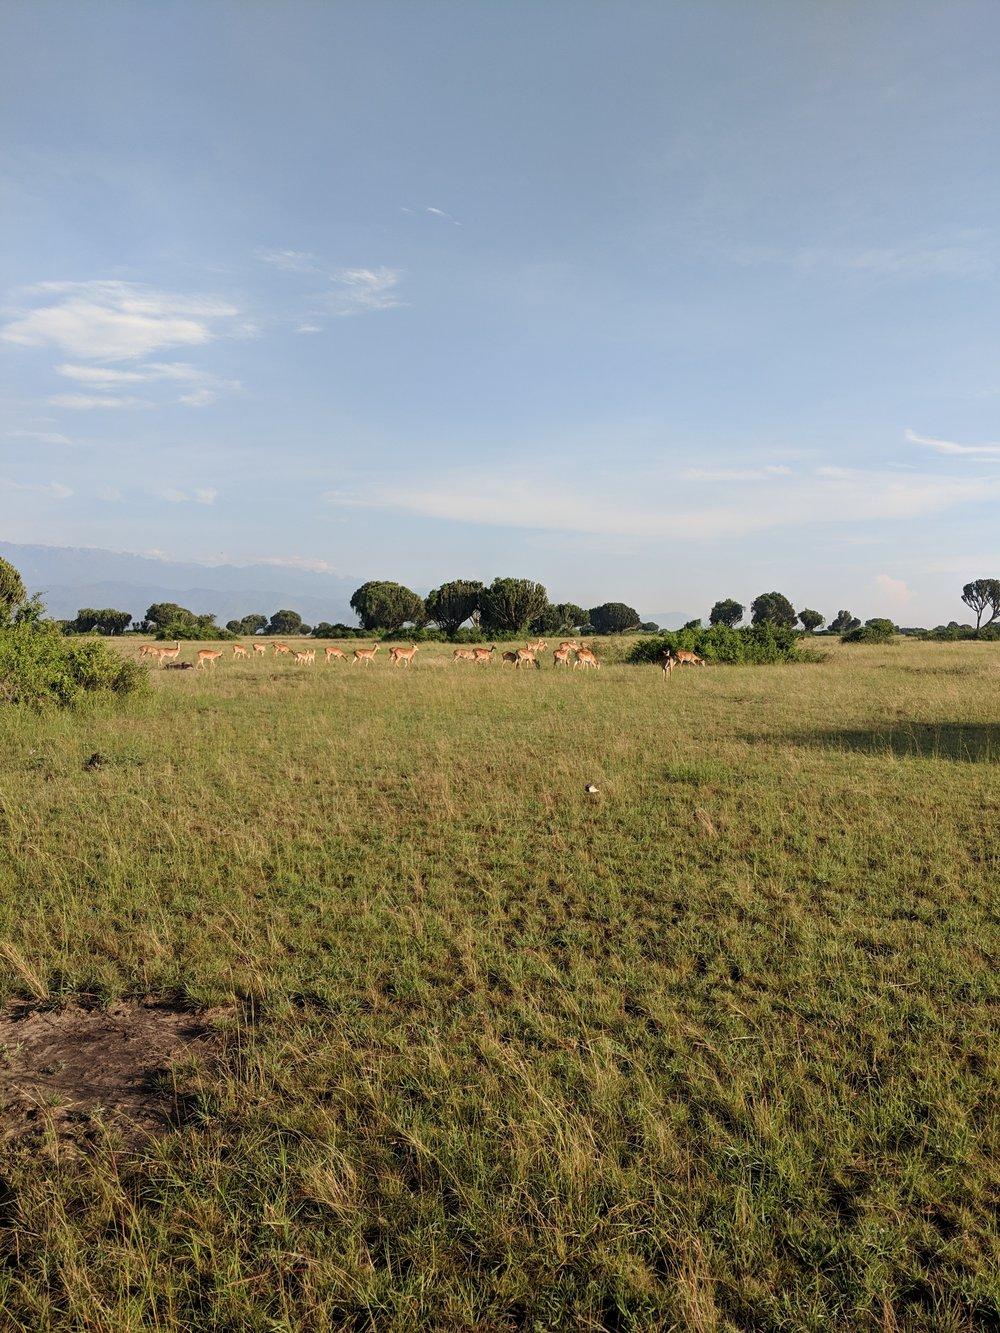 A herd of Ugandan kobs in Queen Elizabeth National Park. Photographer: Erman Misirlisoy